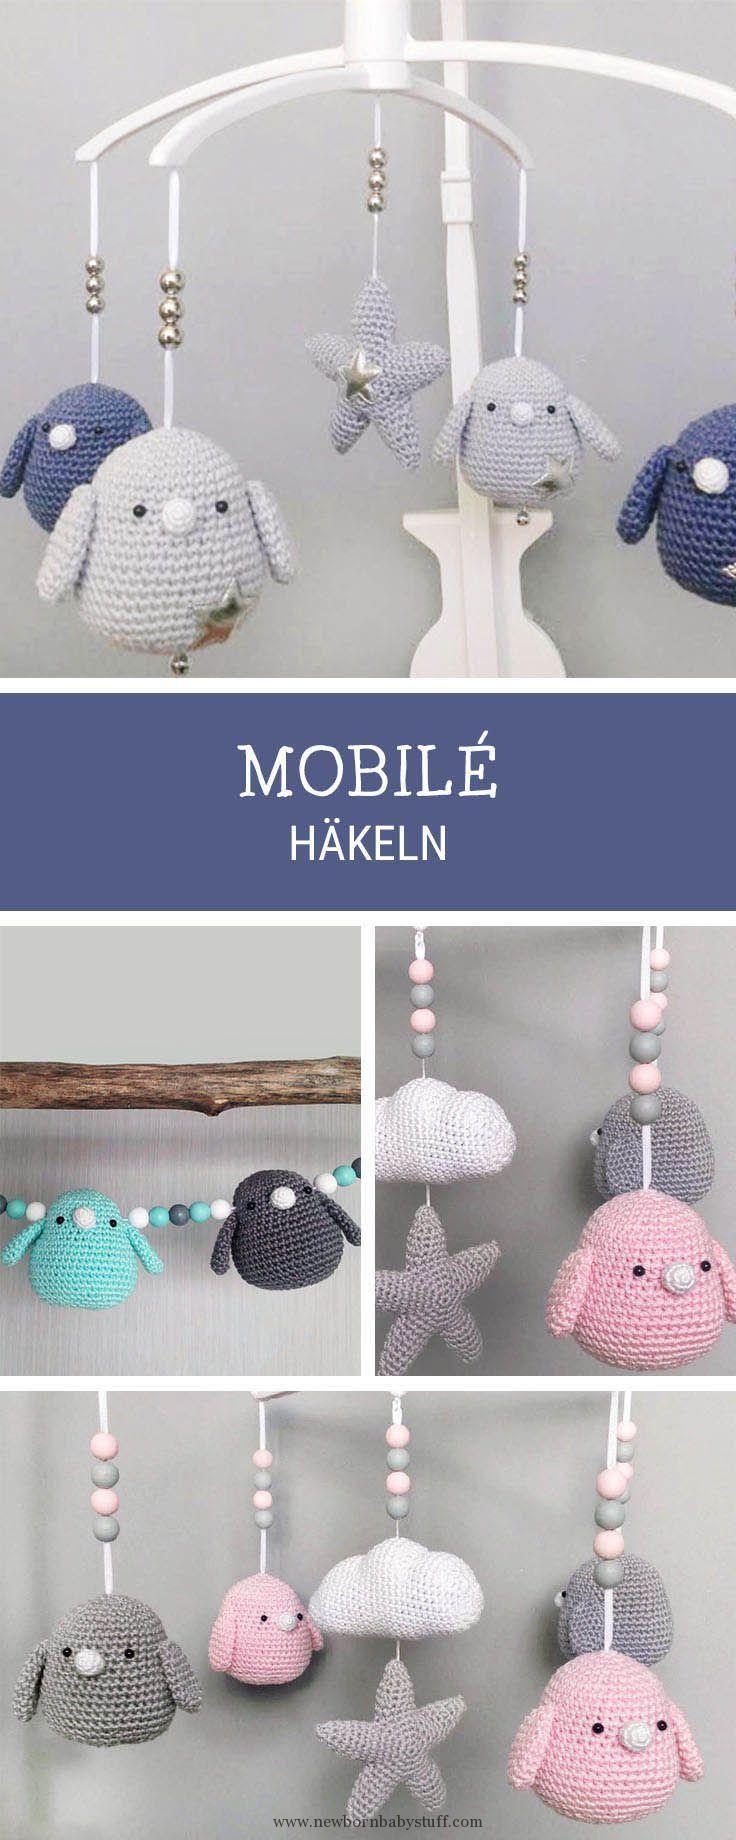 Baby Knitting Patterns Häkelanleitung für ein Mobile mit gehäkelten ...